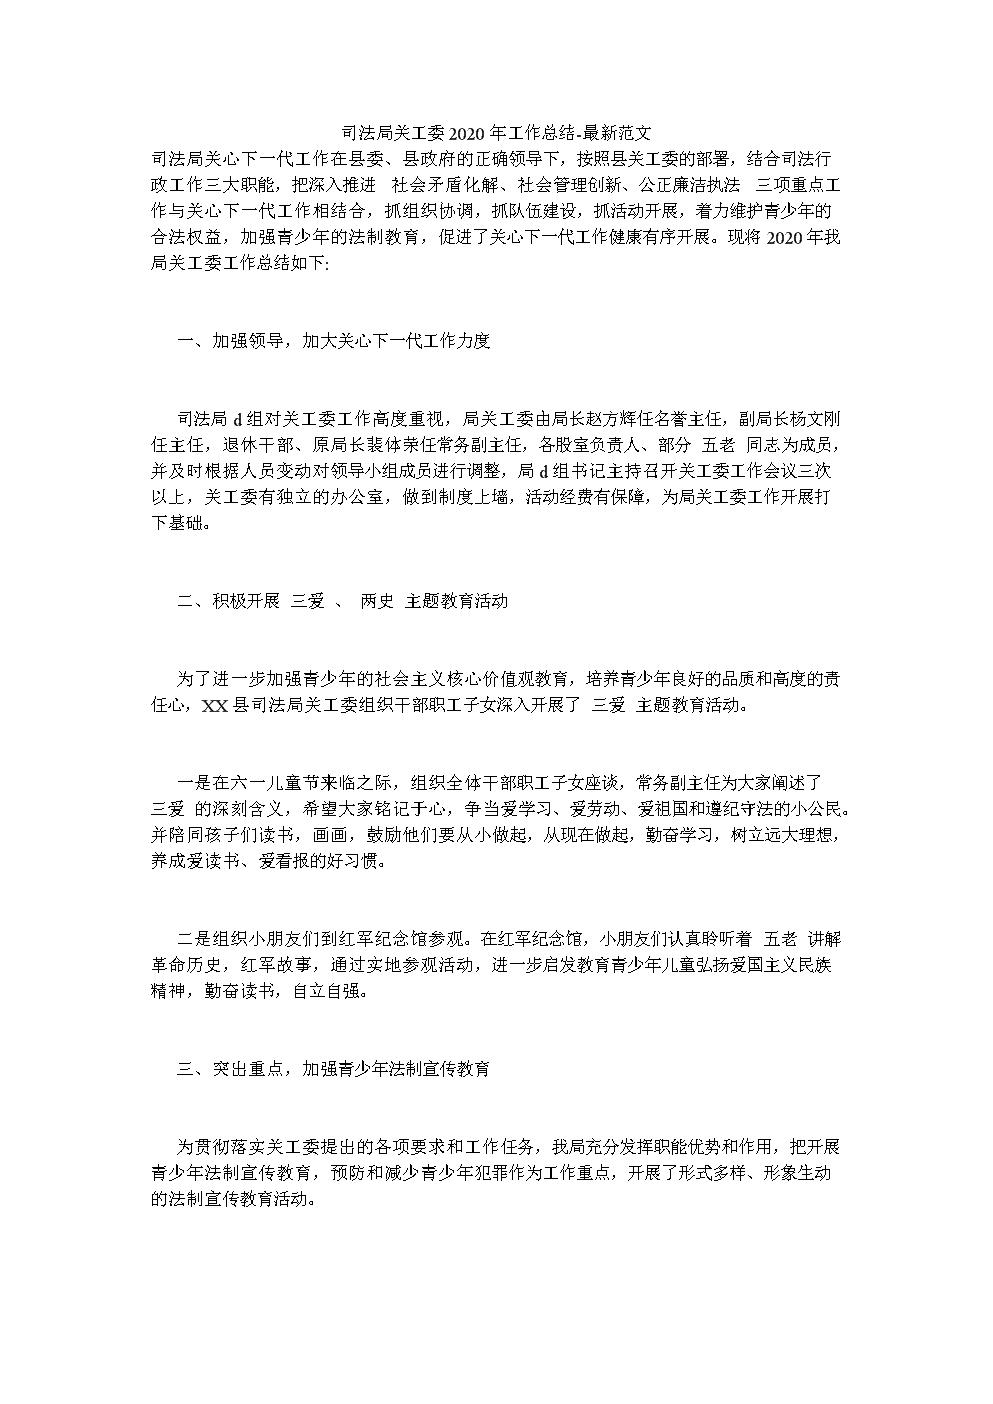 司法局关工委2020年工作总结-最新范文.doc